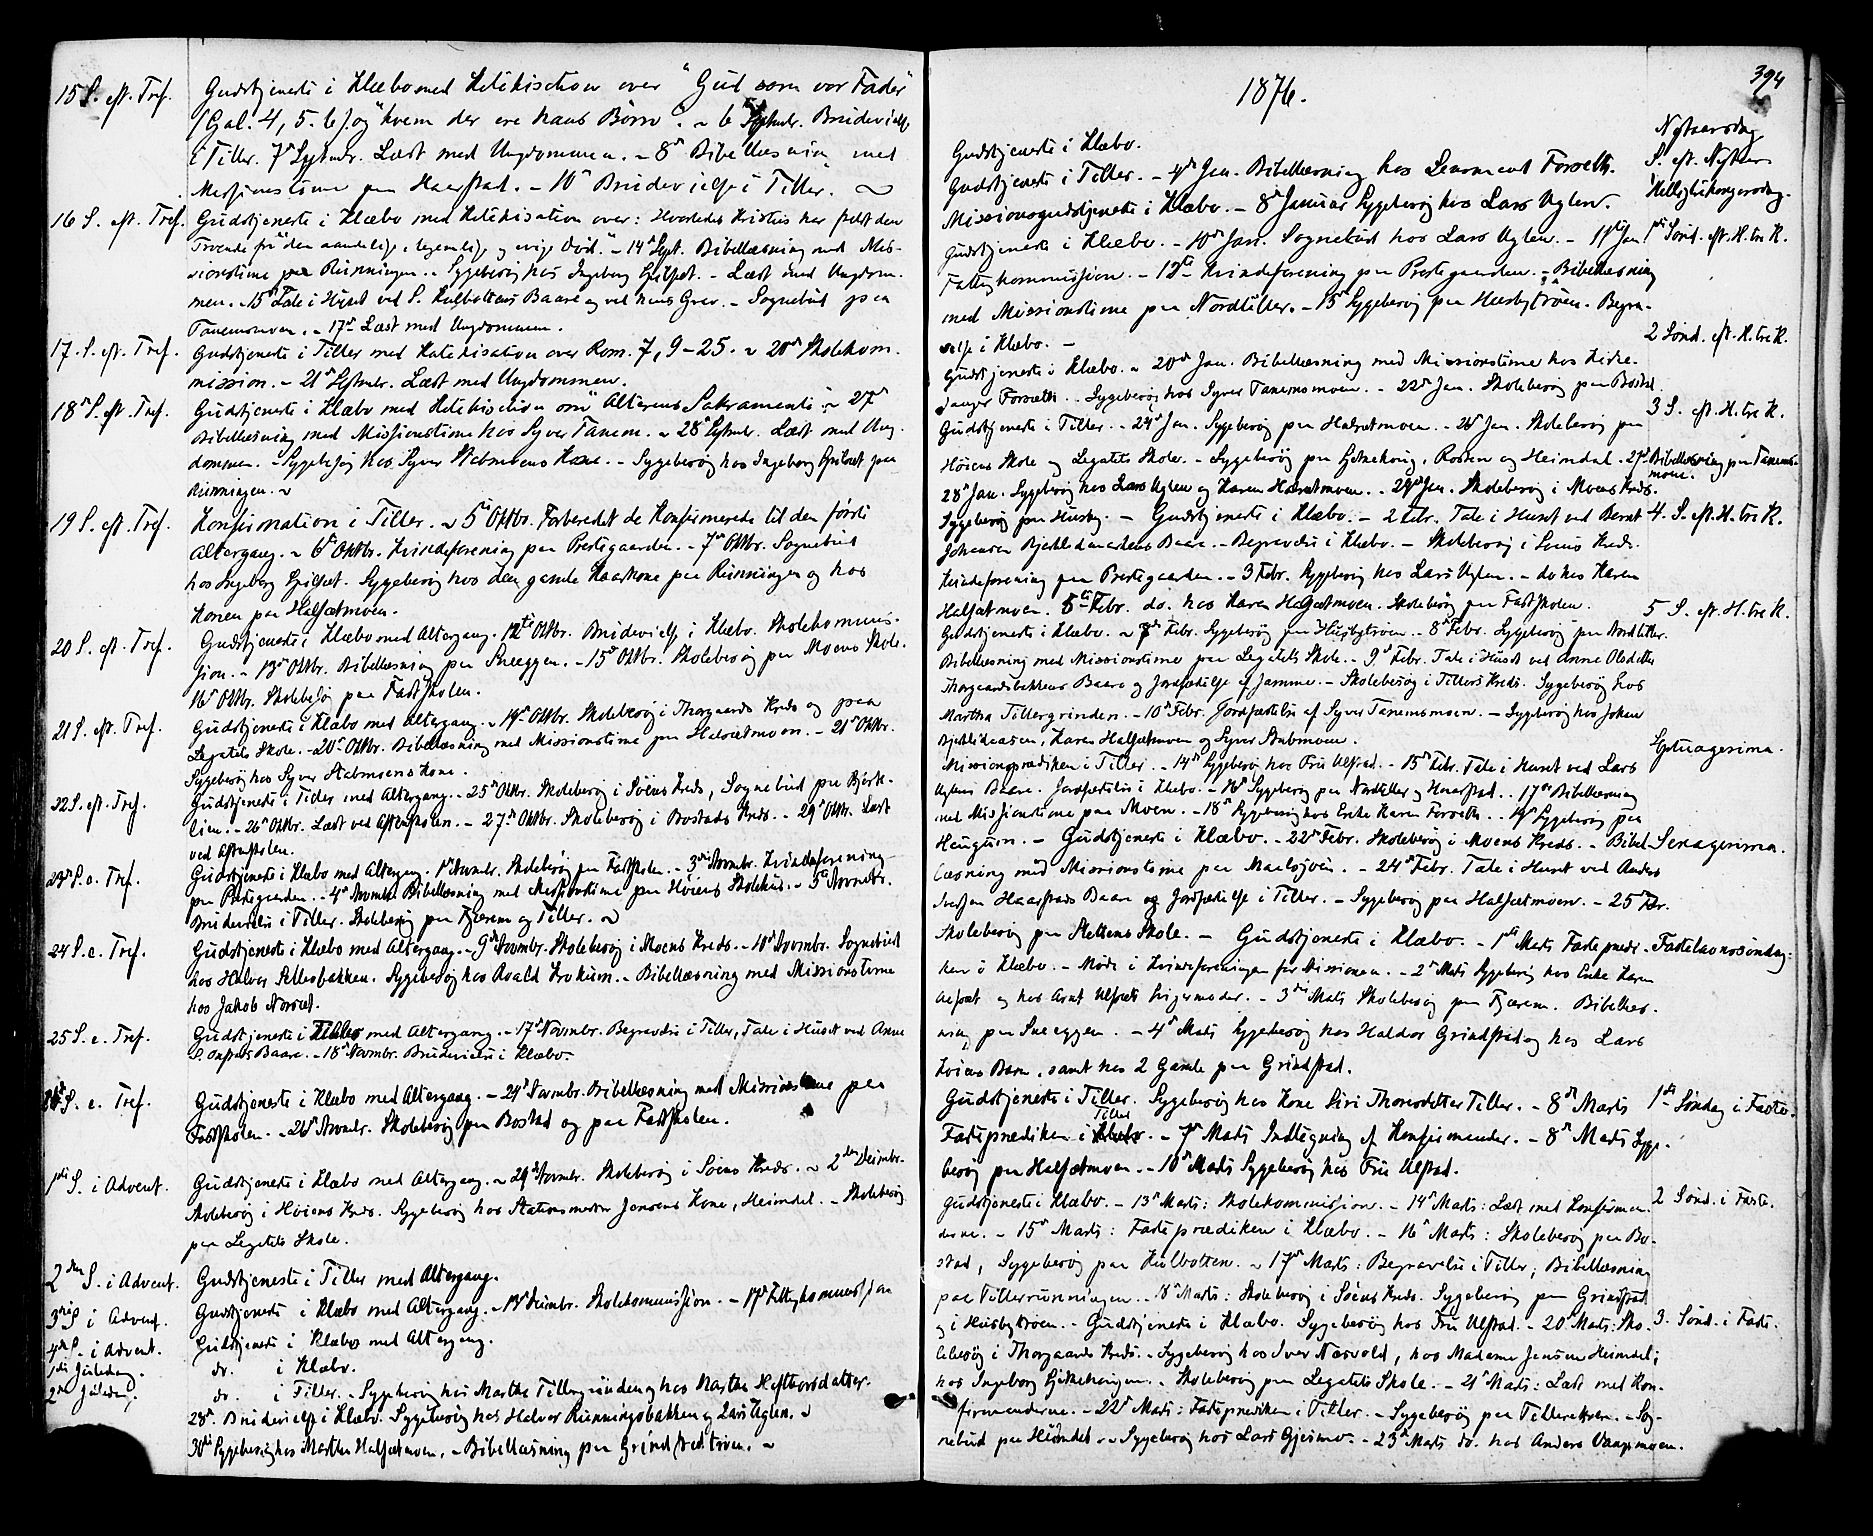 SAT, Ministerialprotokoller, klokkerbøker og fødselsregistre - Sør-Trøndelag, 618/L0442: Ministerialbok nr. 618A06 /1, 1863-1879, s. 394